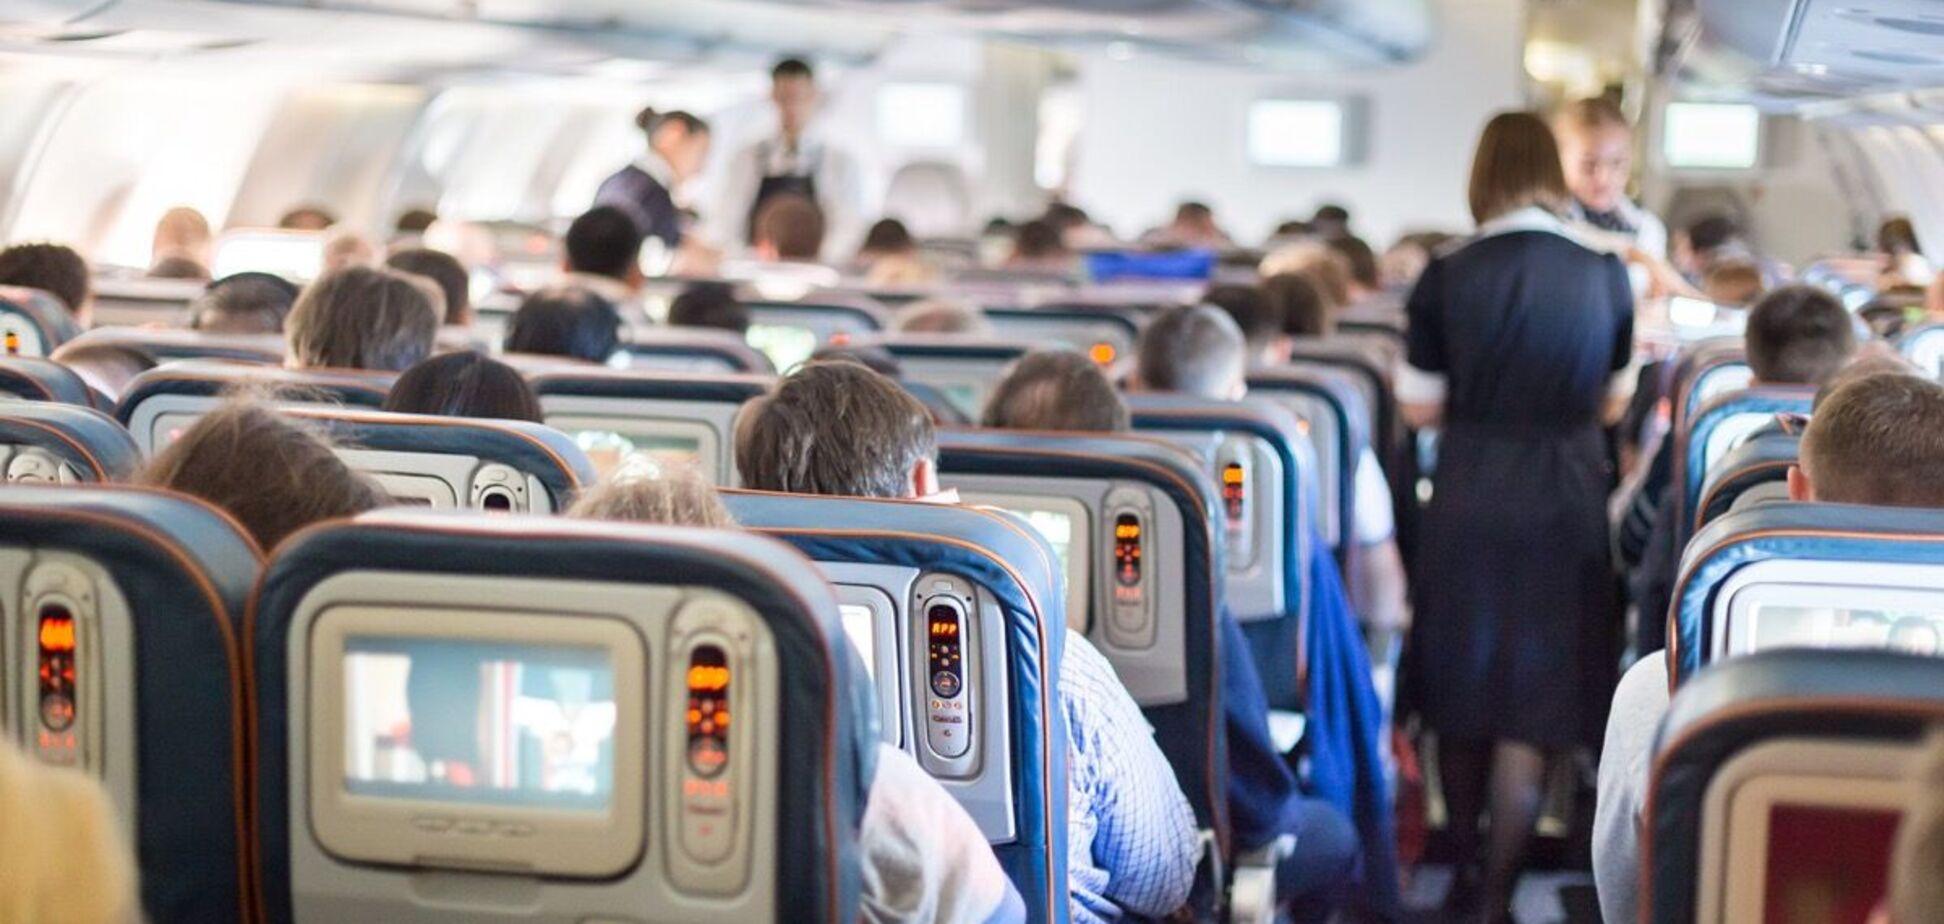 Названы самые грязные места в самолете. Источник: Best Life